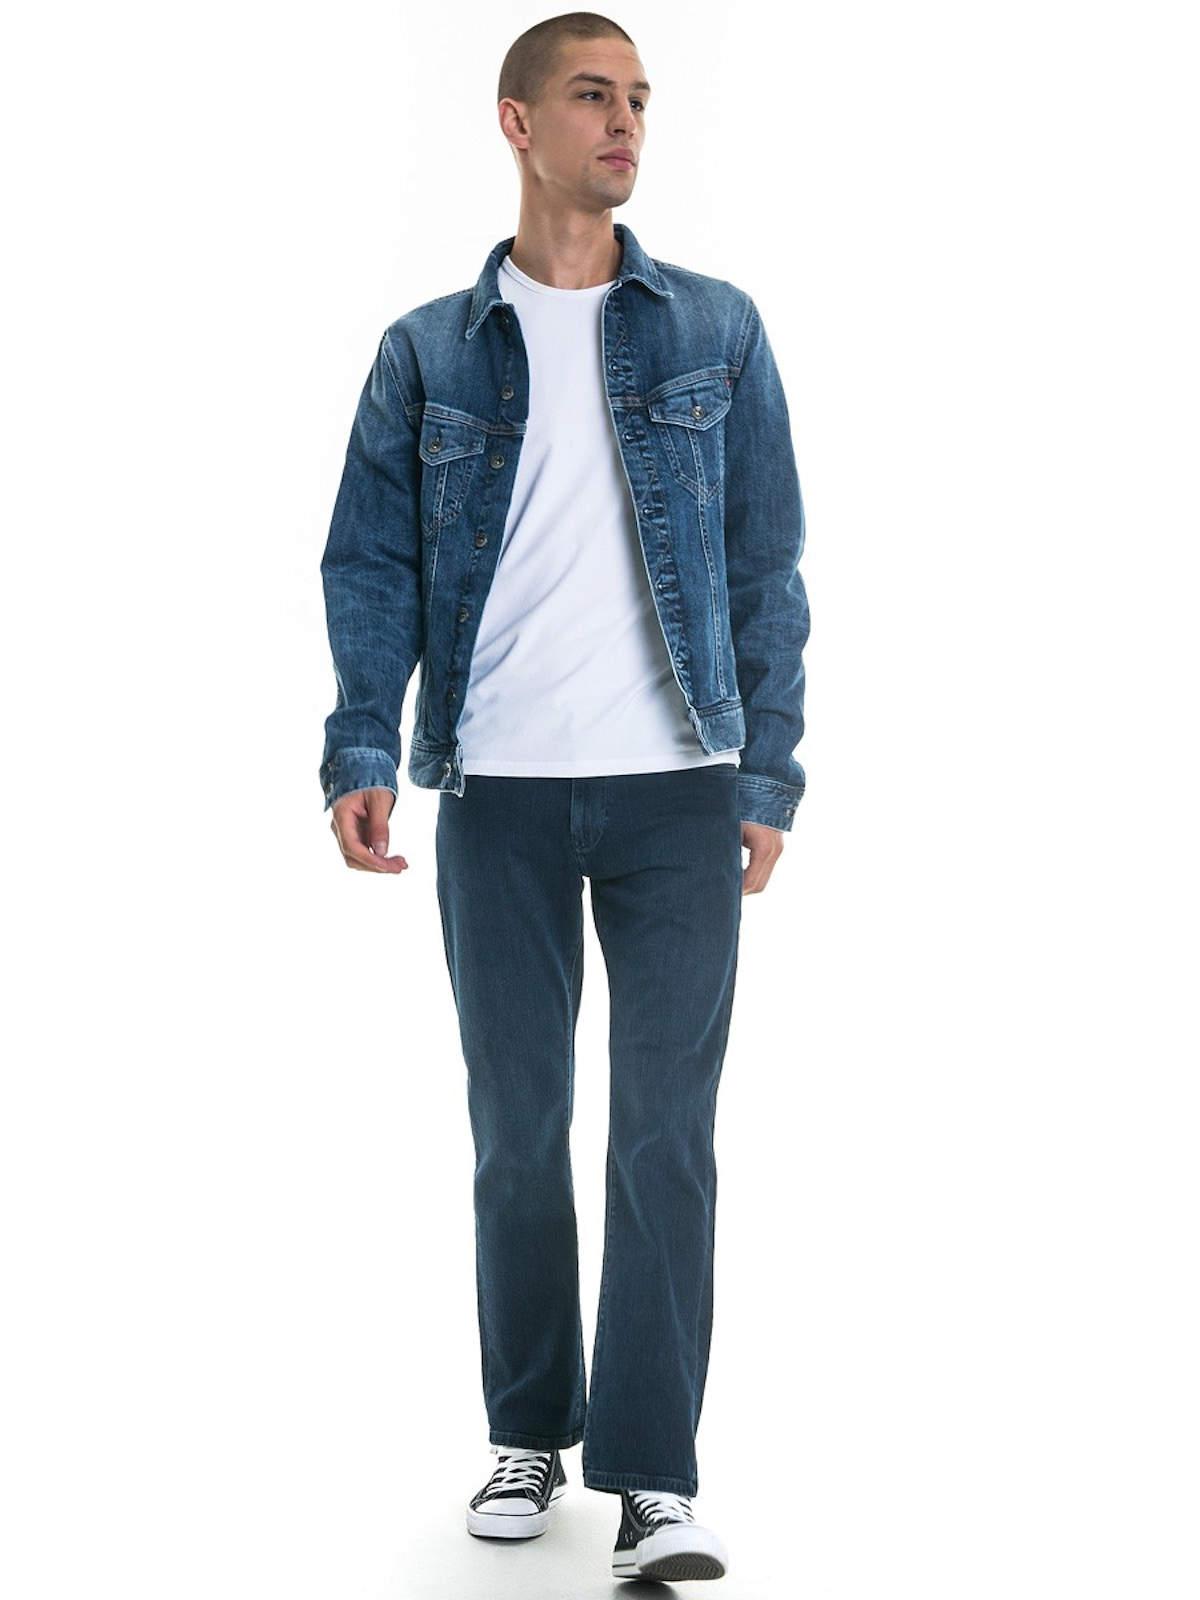 Big-Star-Jeans-Colt-497-Regular-Fit-Herren-Hose-Straight-Leg-Medium-Denim-NEU Indexbild 12